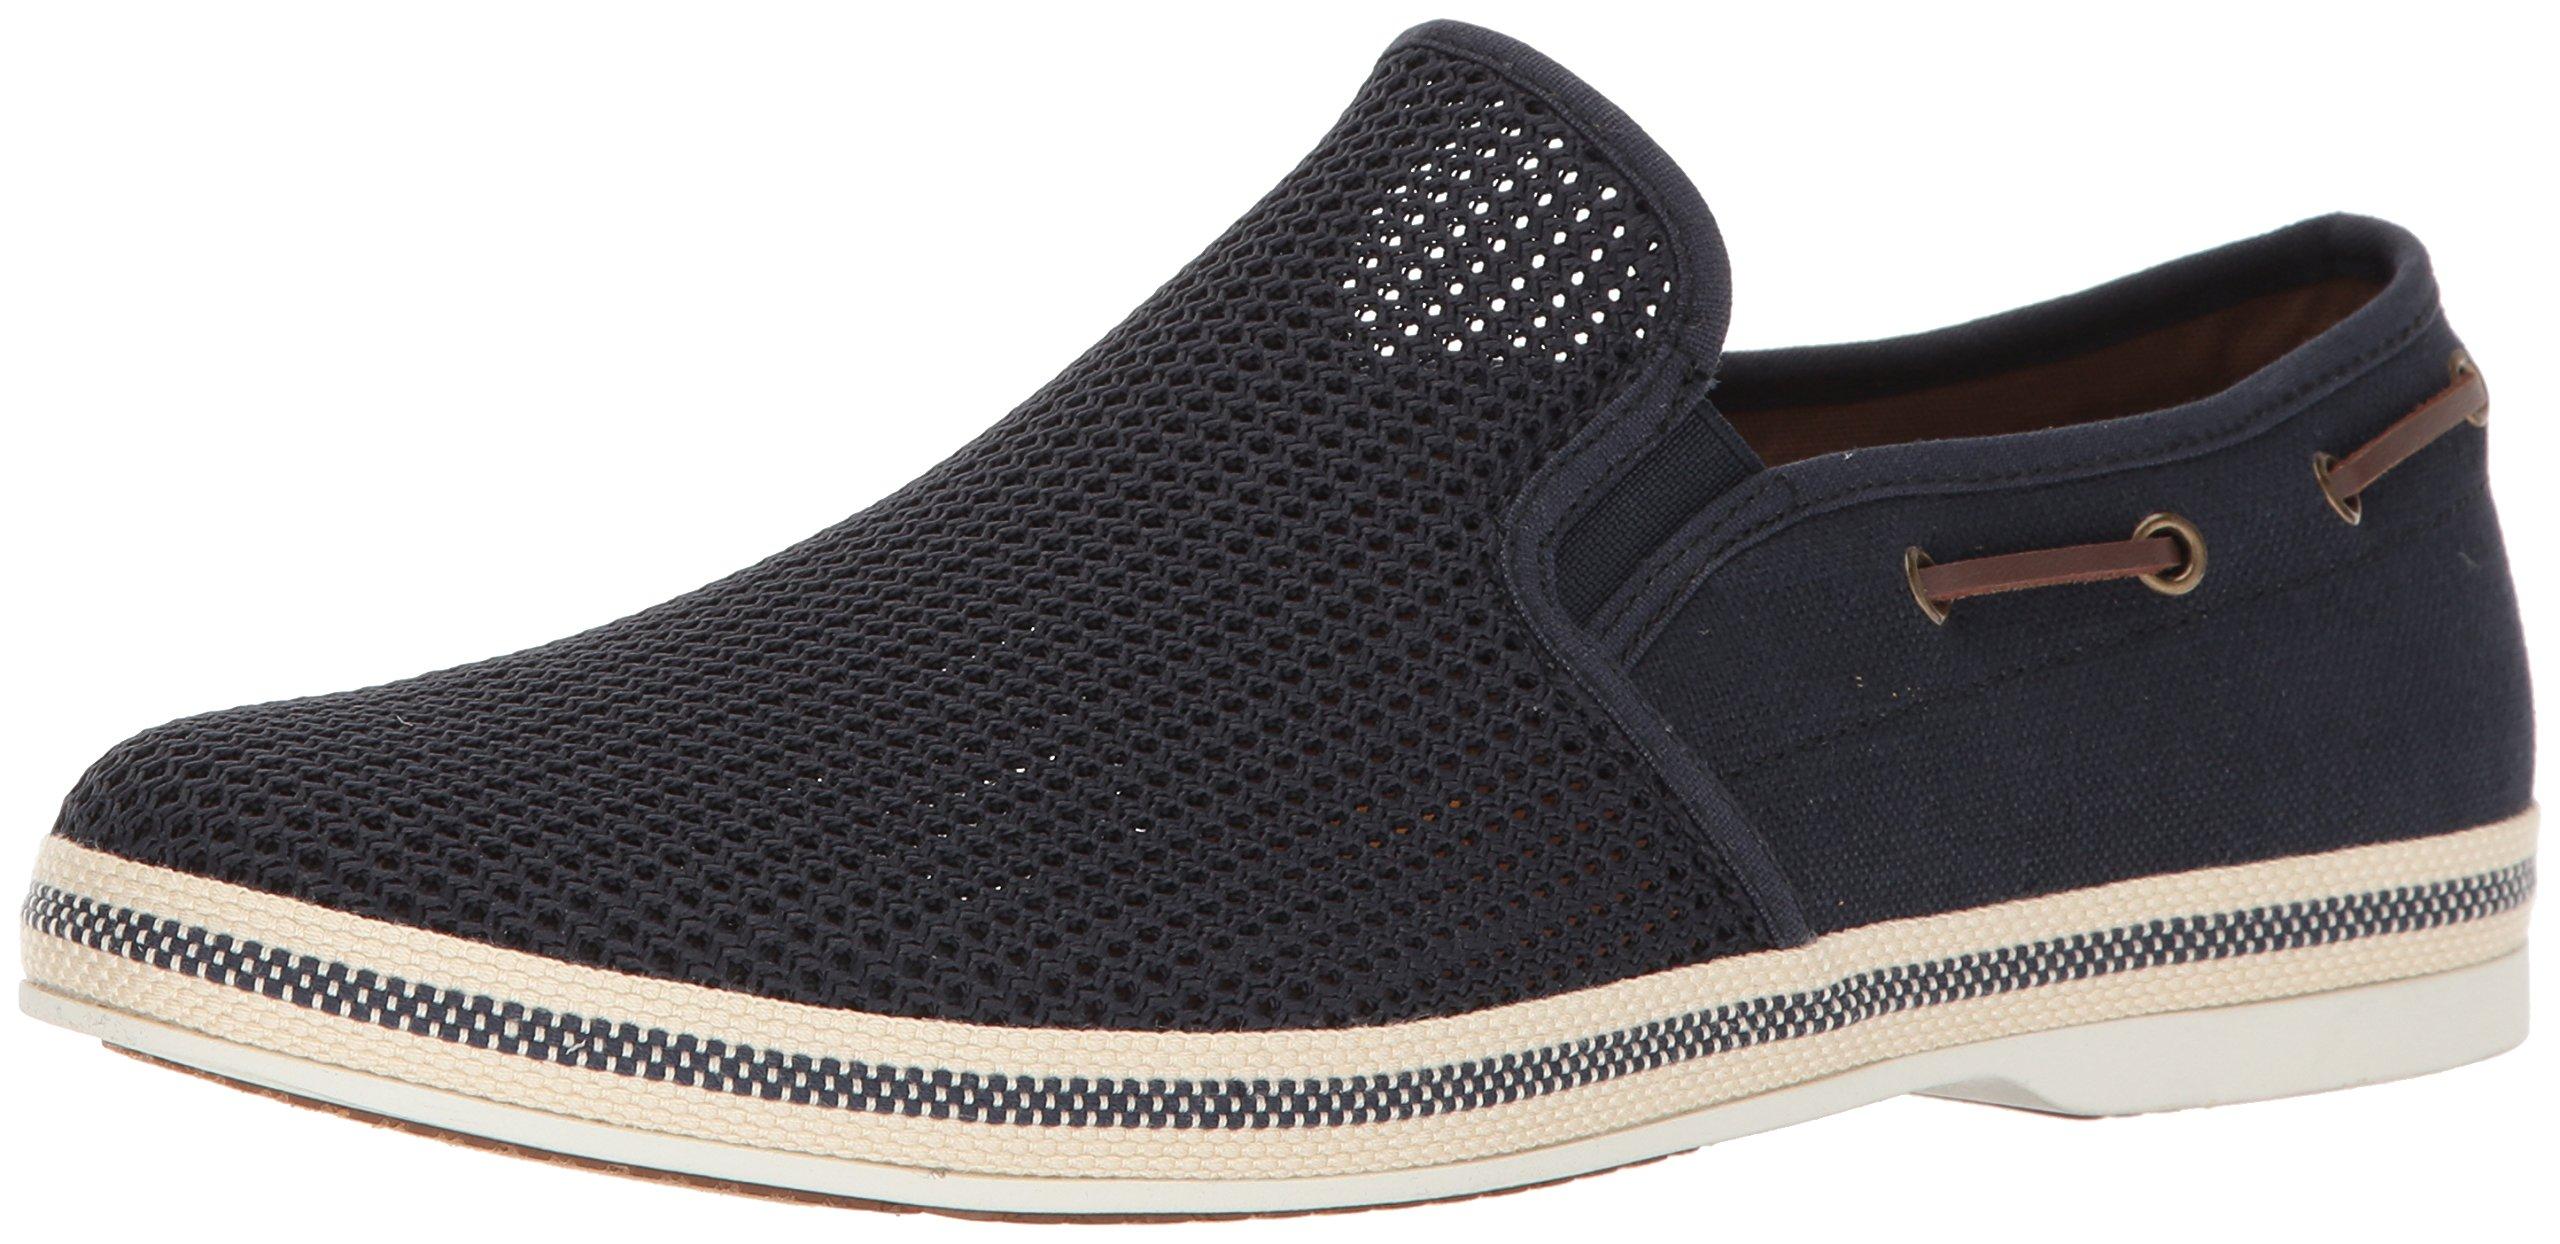 ALDO Men's Carufel Slip-on Loafer, Navy, 10.5 D US